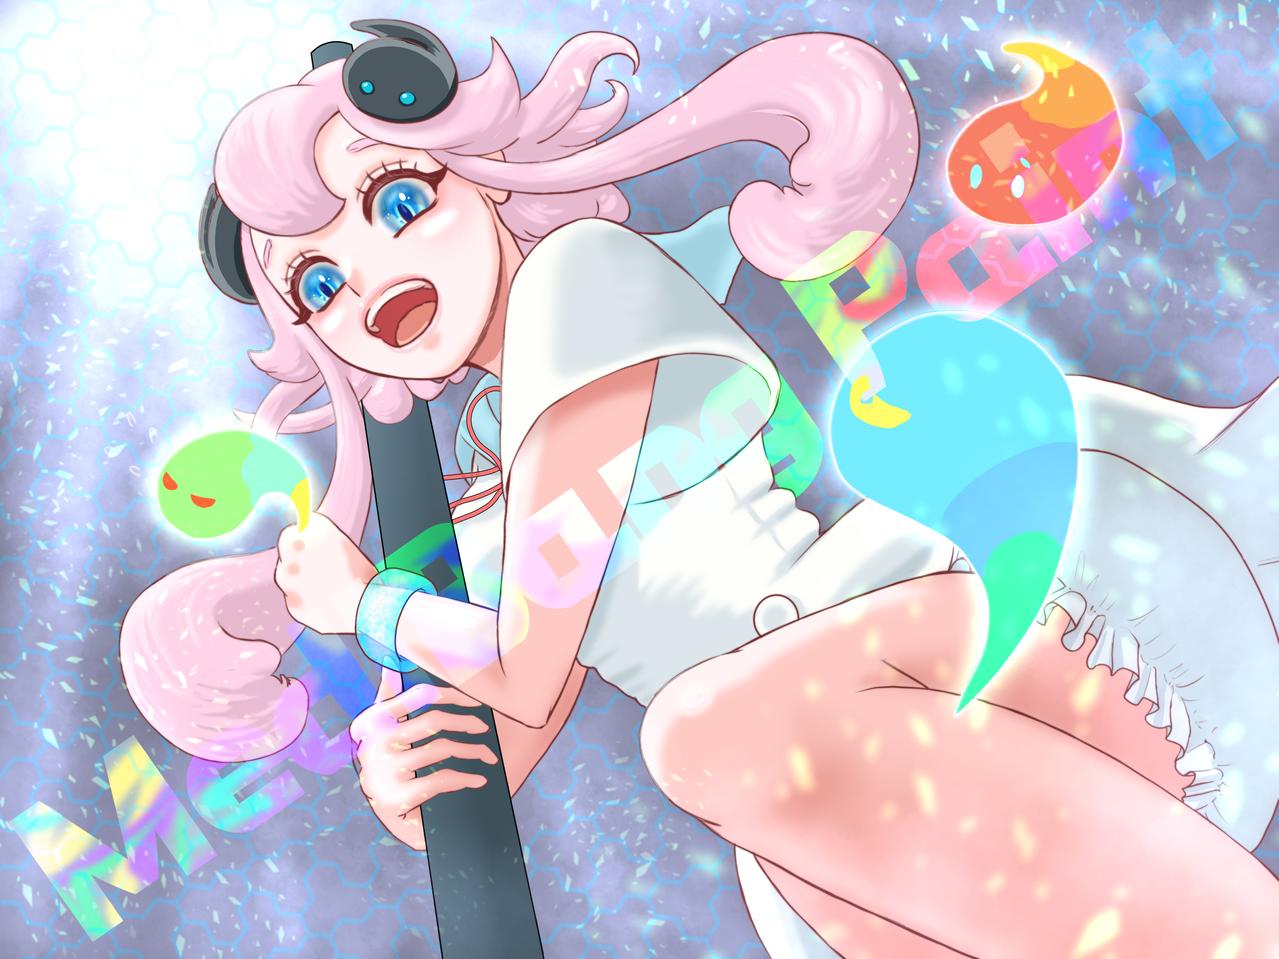 5000万ダウンロードおめでとうございます🎉🎉🎉 Illust of FJ kawaii girl medibangpaint5000 pinkhair medibangpaint メディーちゃん